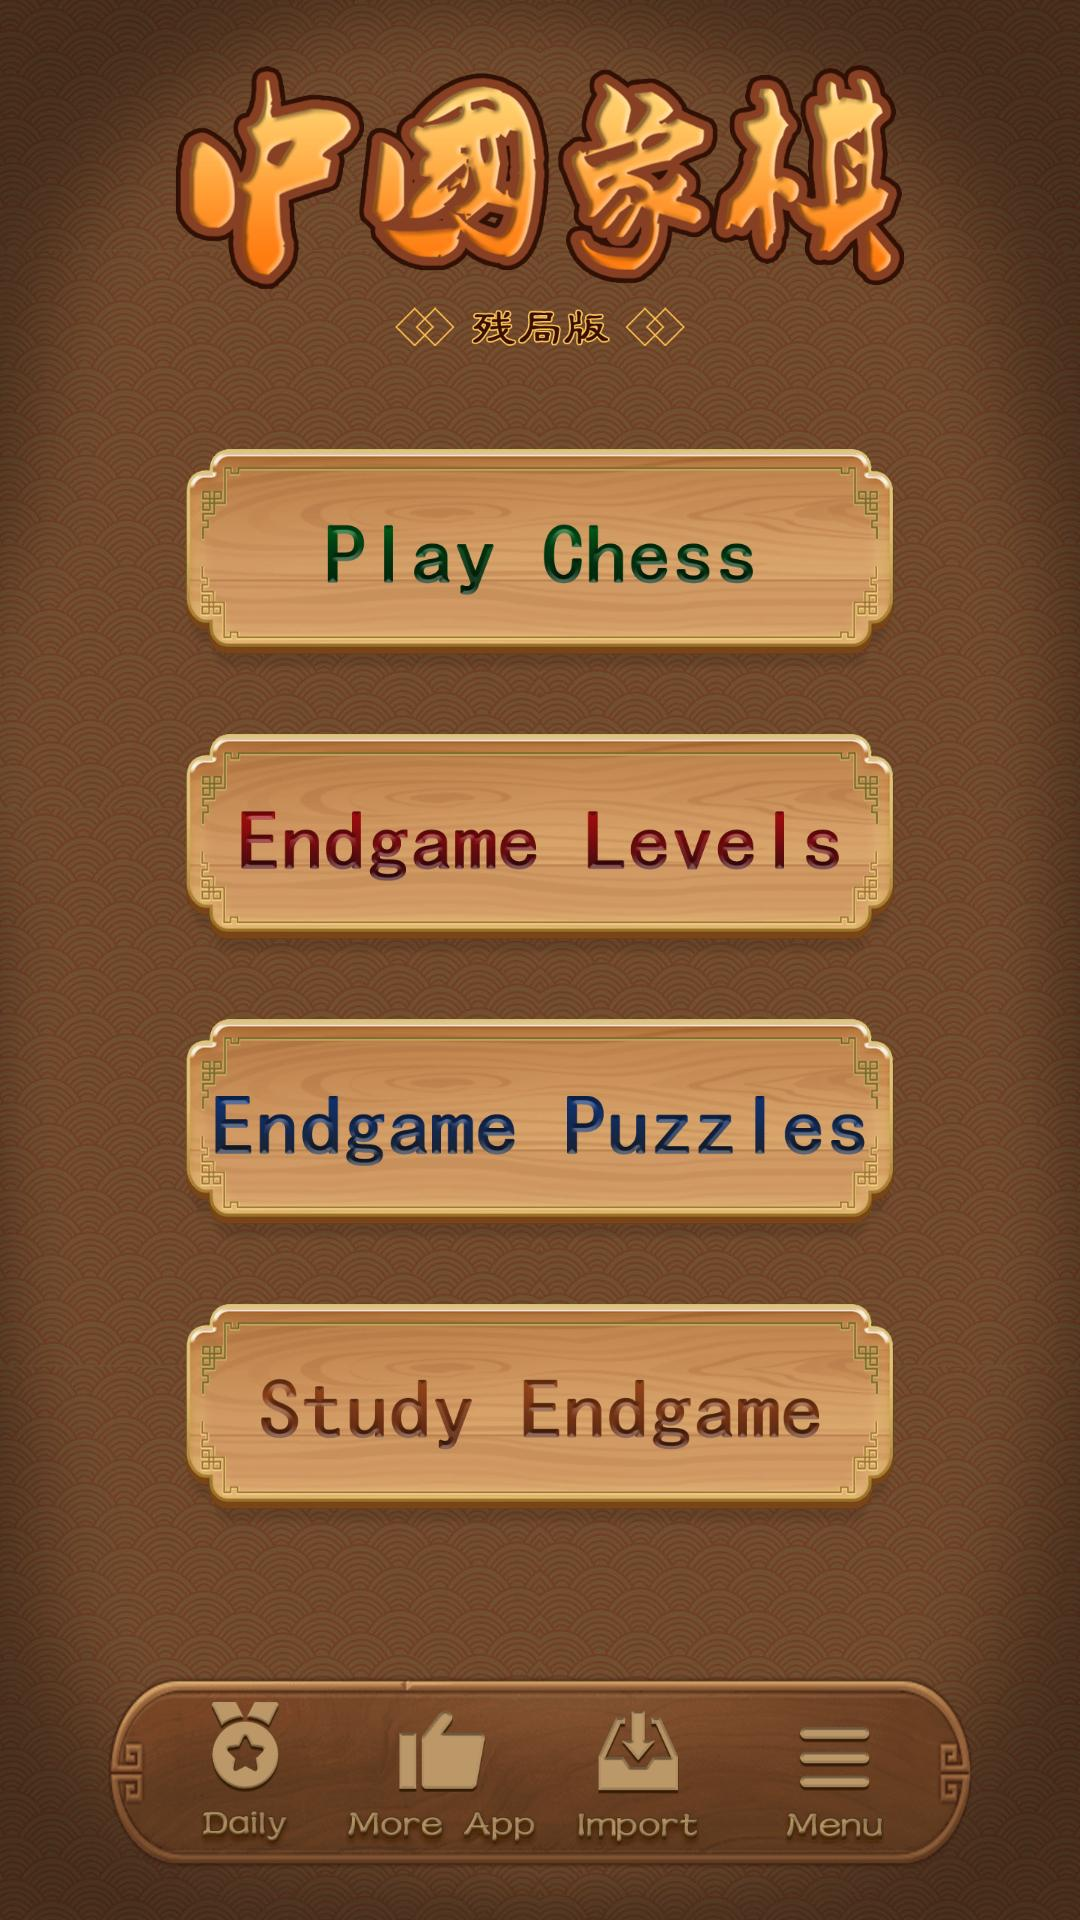 Chinese Chess from beginner to master 1.6.2 Screenshot 14